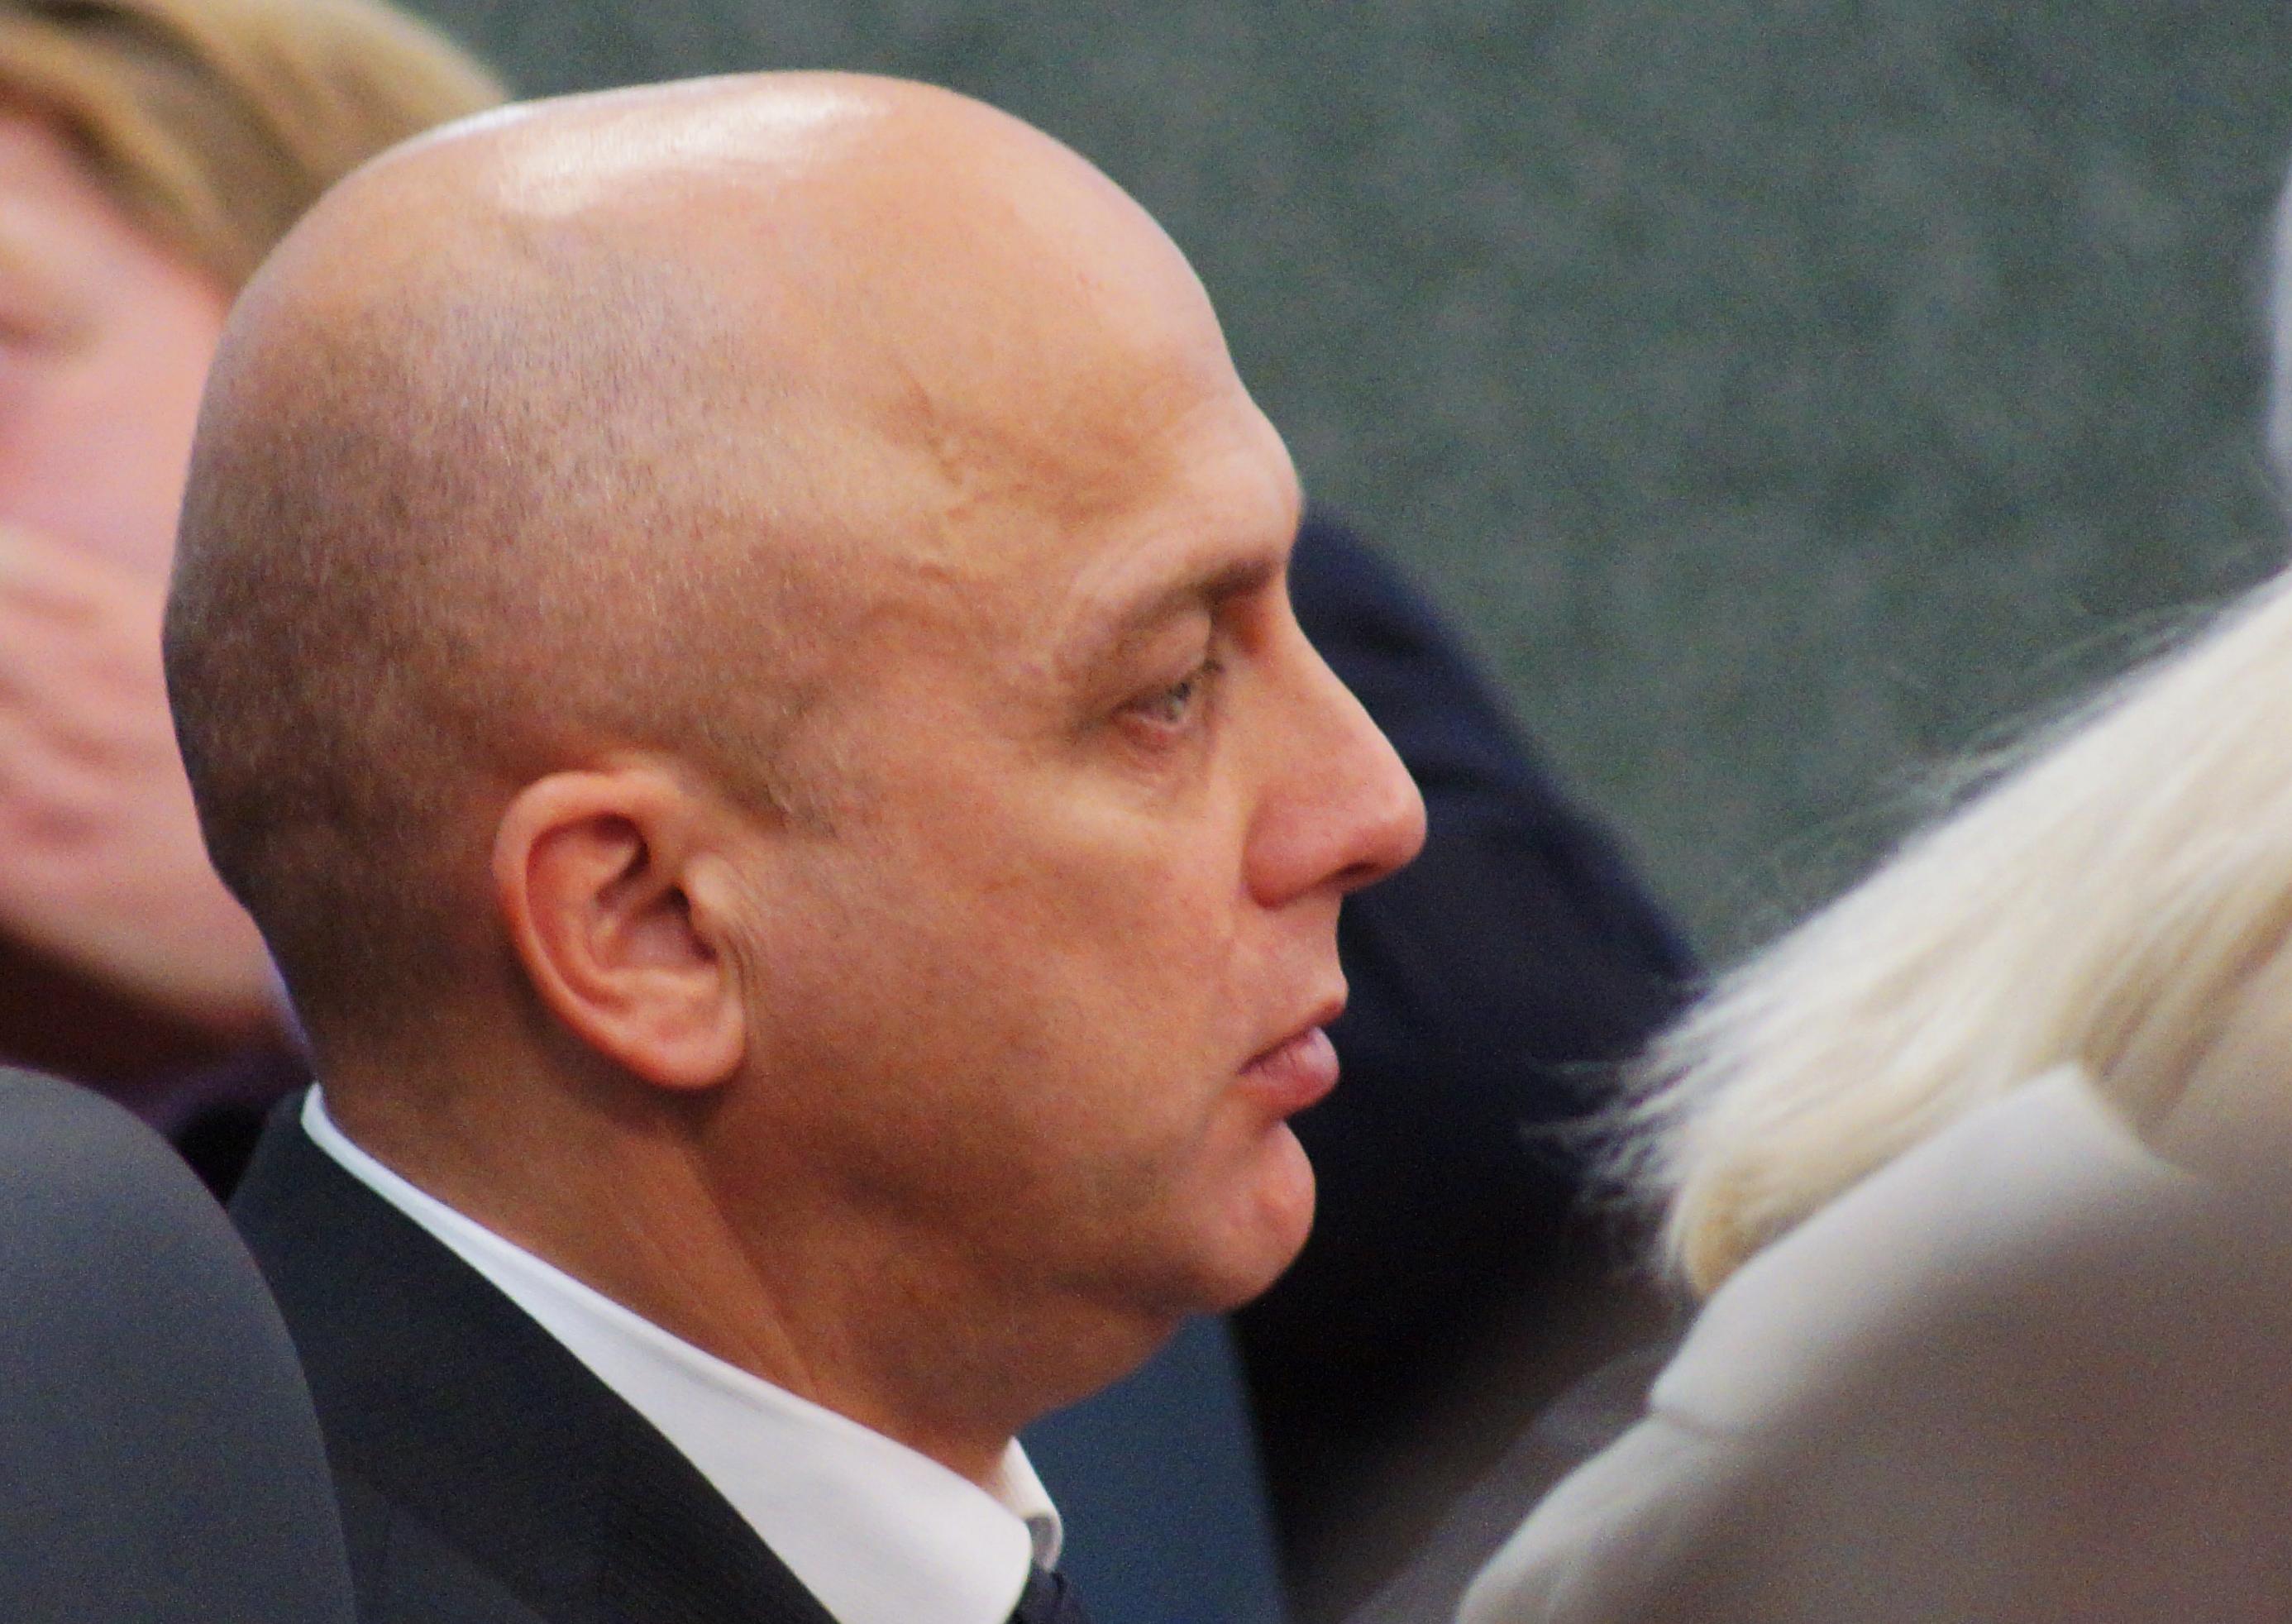 Элиссан Шандалович был избран депутатом парламента Карелии в 2011 году. Фото: Губернiя Daily